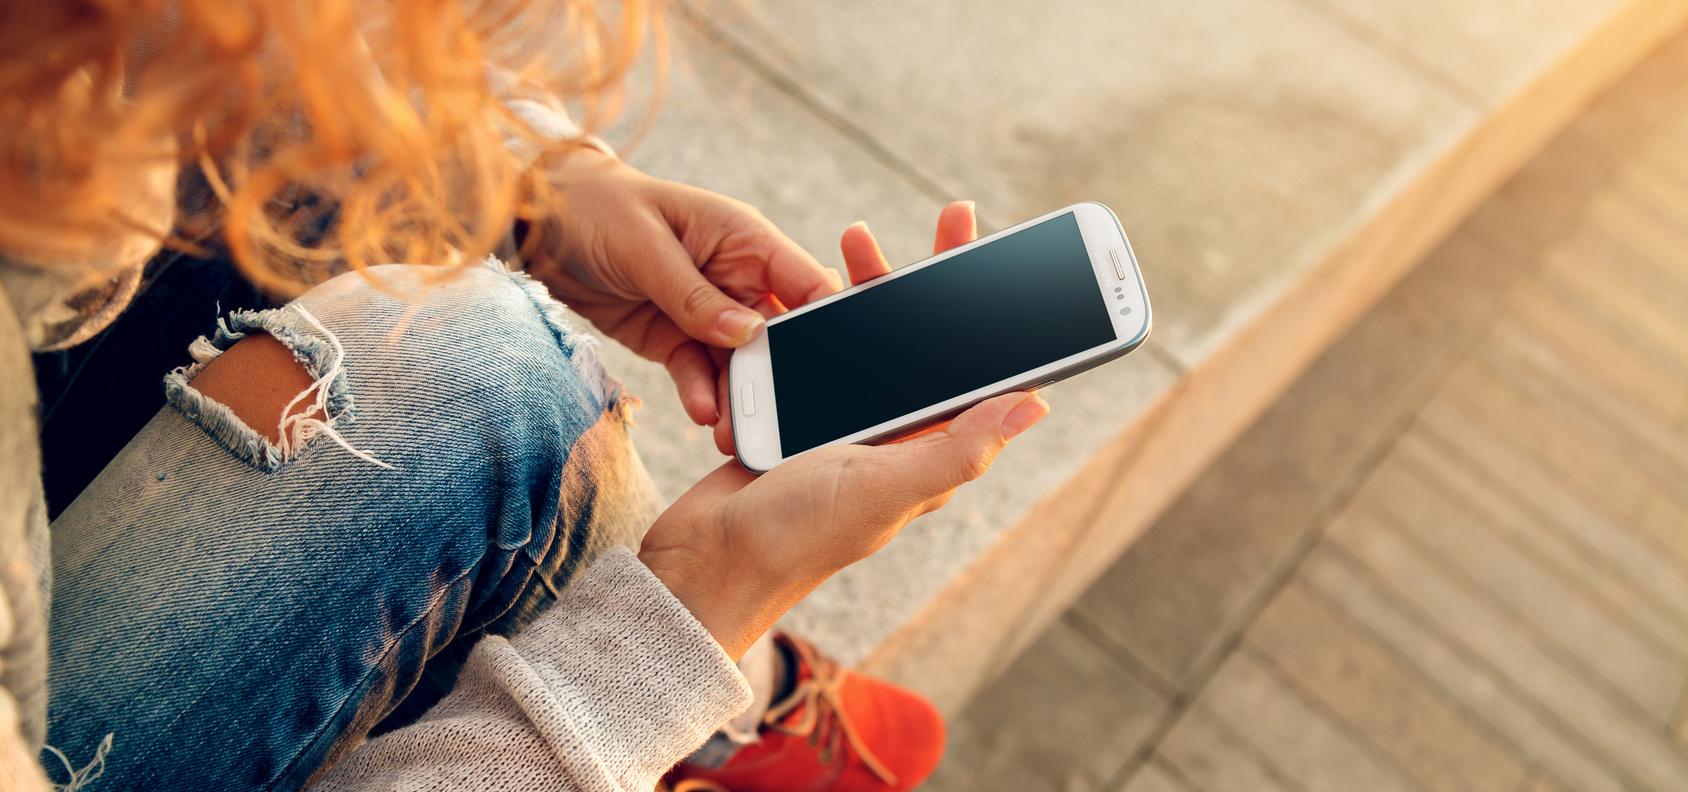 Szafirowa odsłona Huawei Ascend P7 Huawei Mediarun Com Smartfon